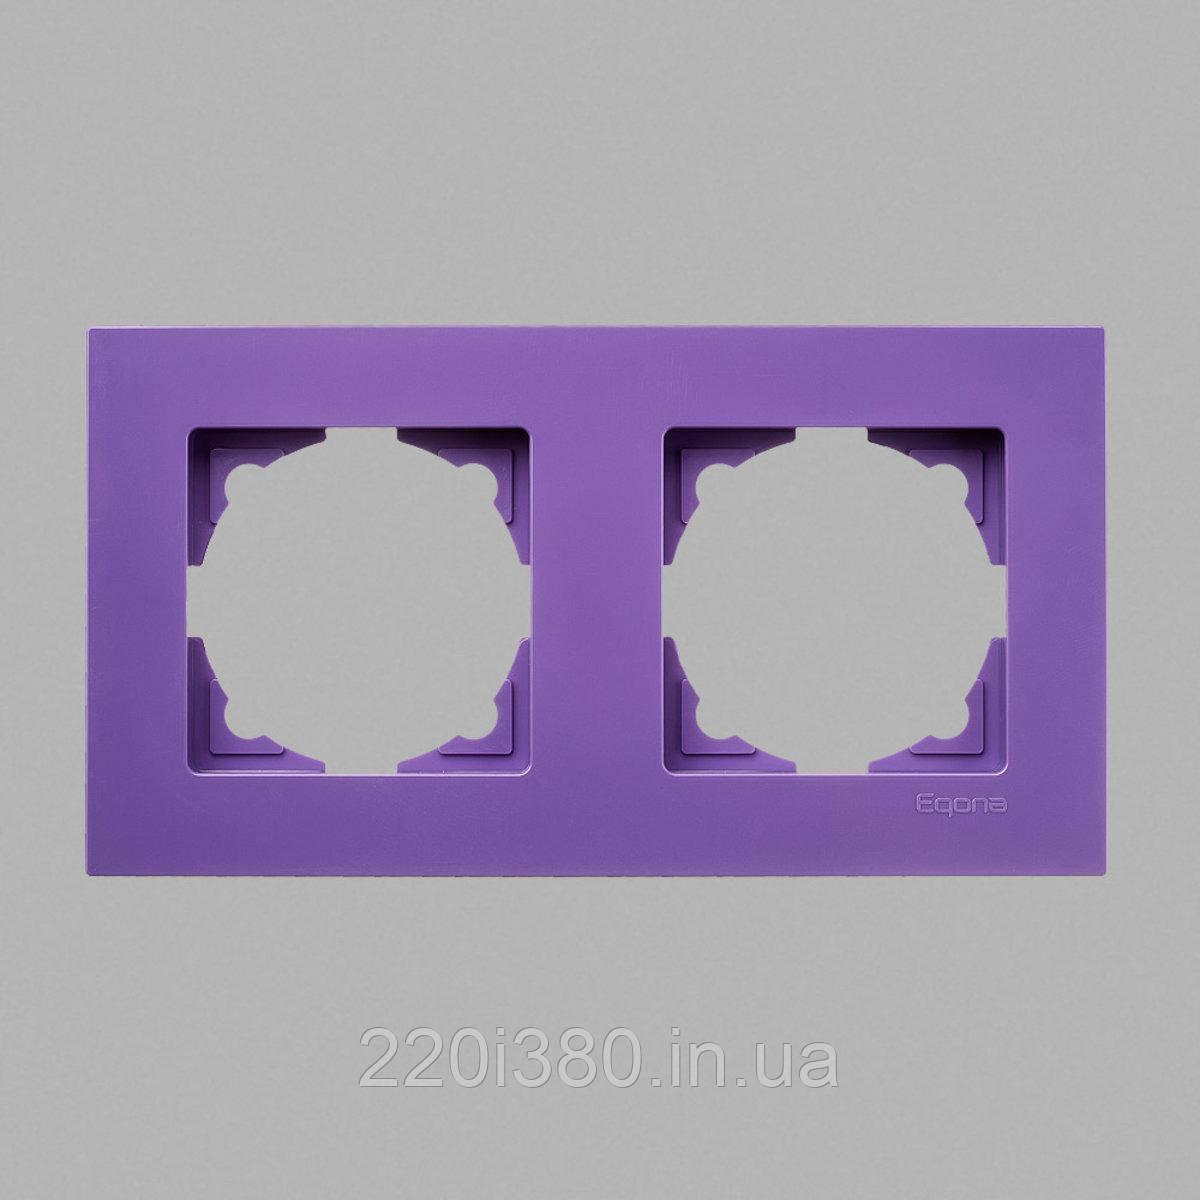 Eqona рамка 2-ая лиловая